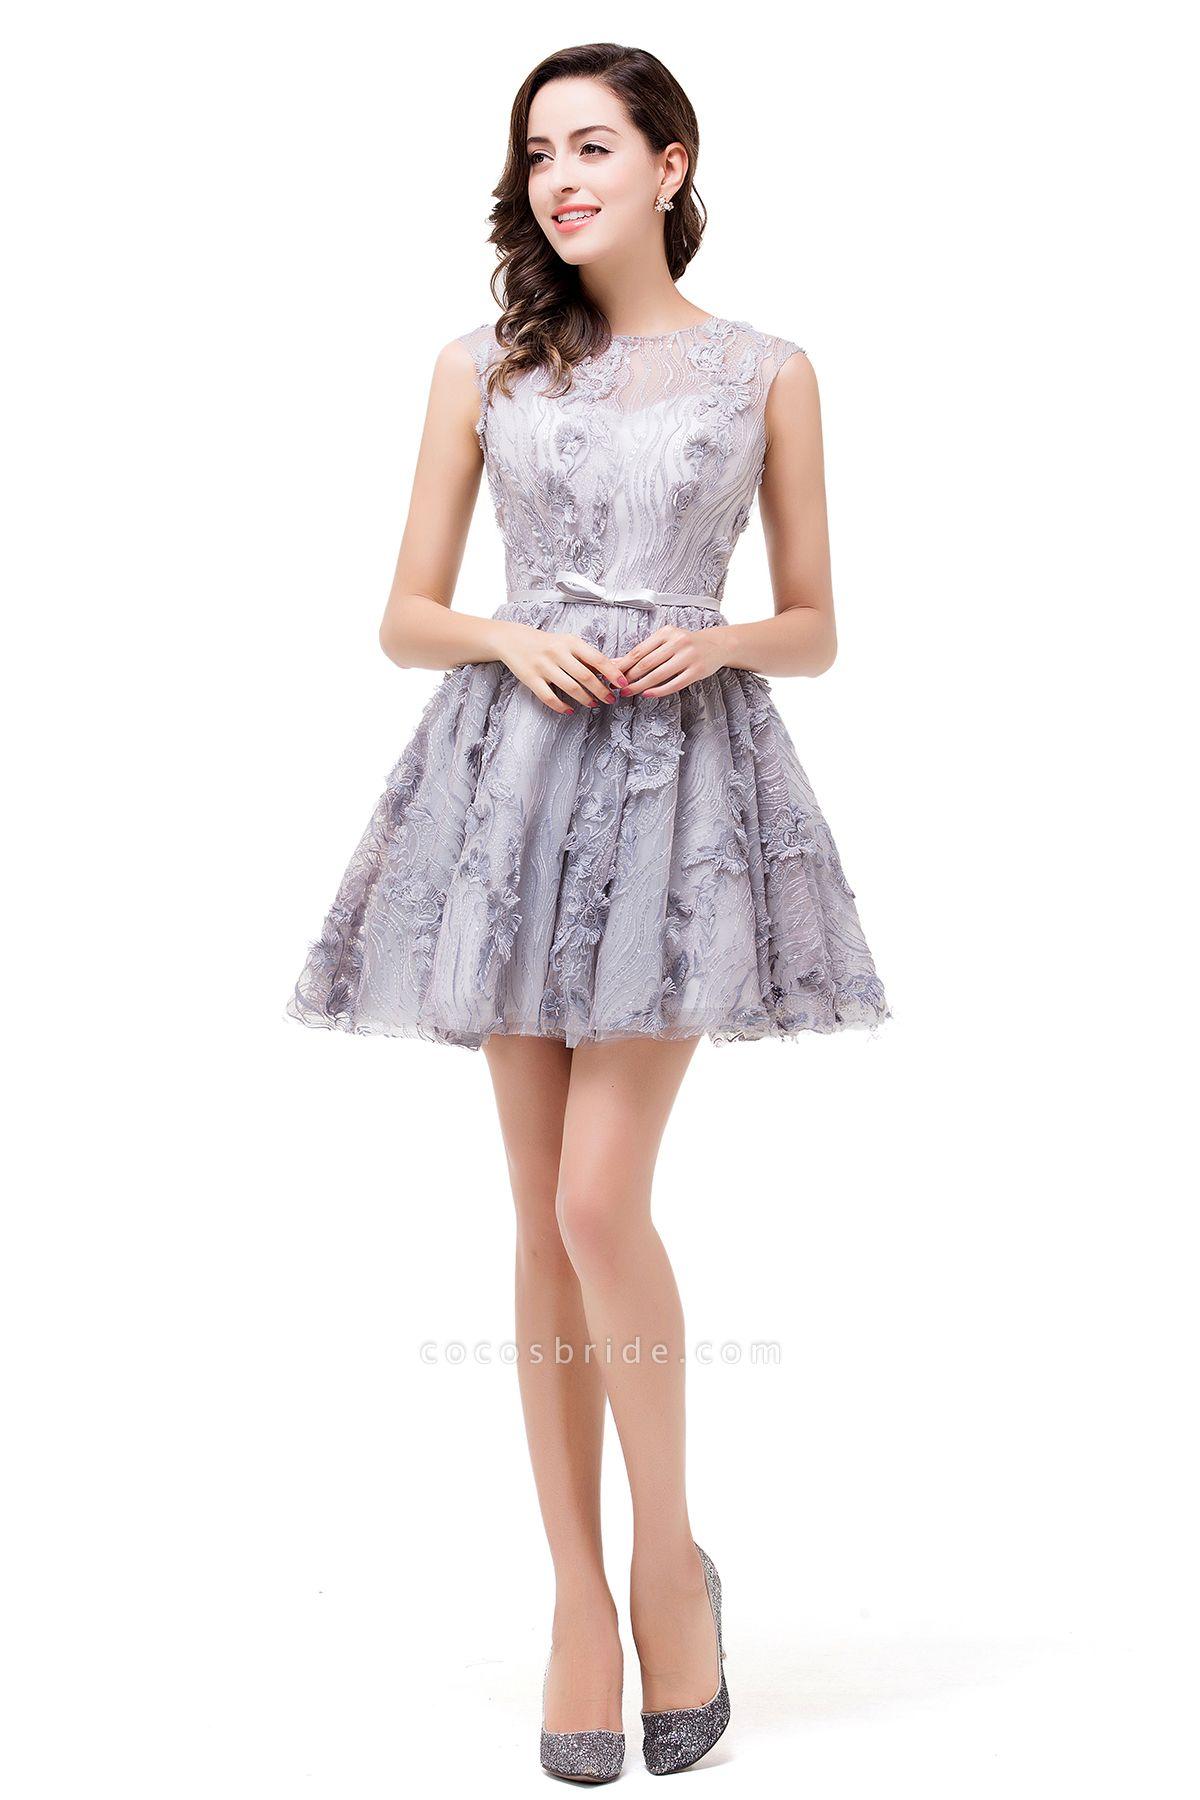 DANICA | A-Line Jewel Sleeveless Flower Applique Grey Prom Dresses